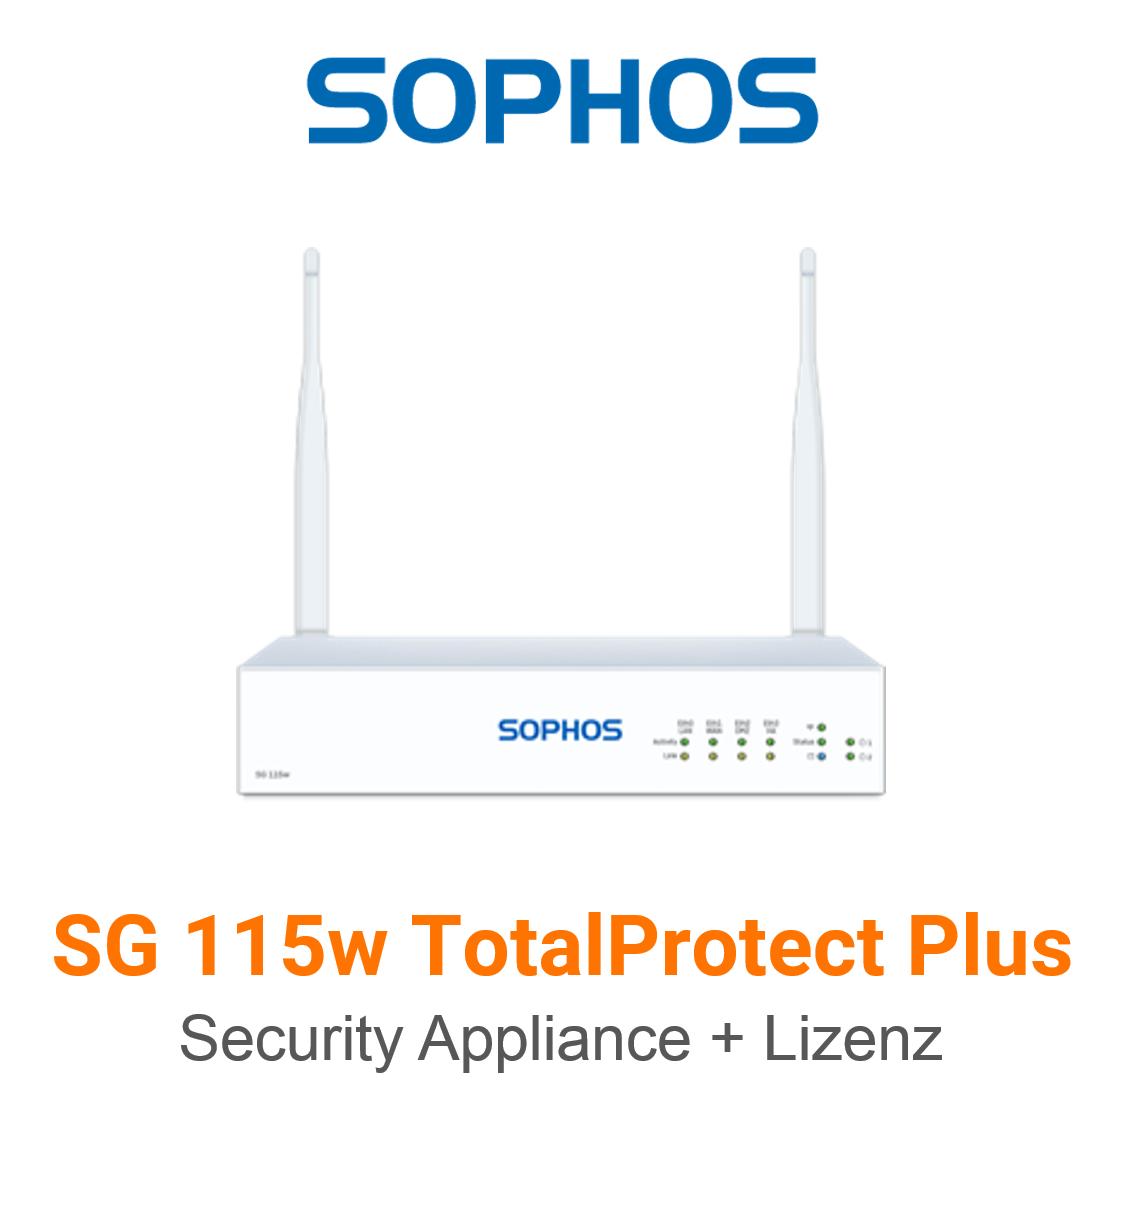 Sophos SG 115w TotalProtect Plus Bundle (Hardware + Lizenz)